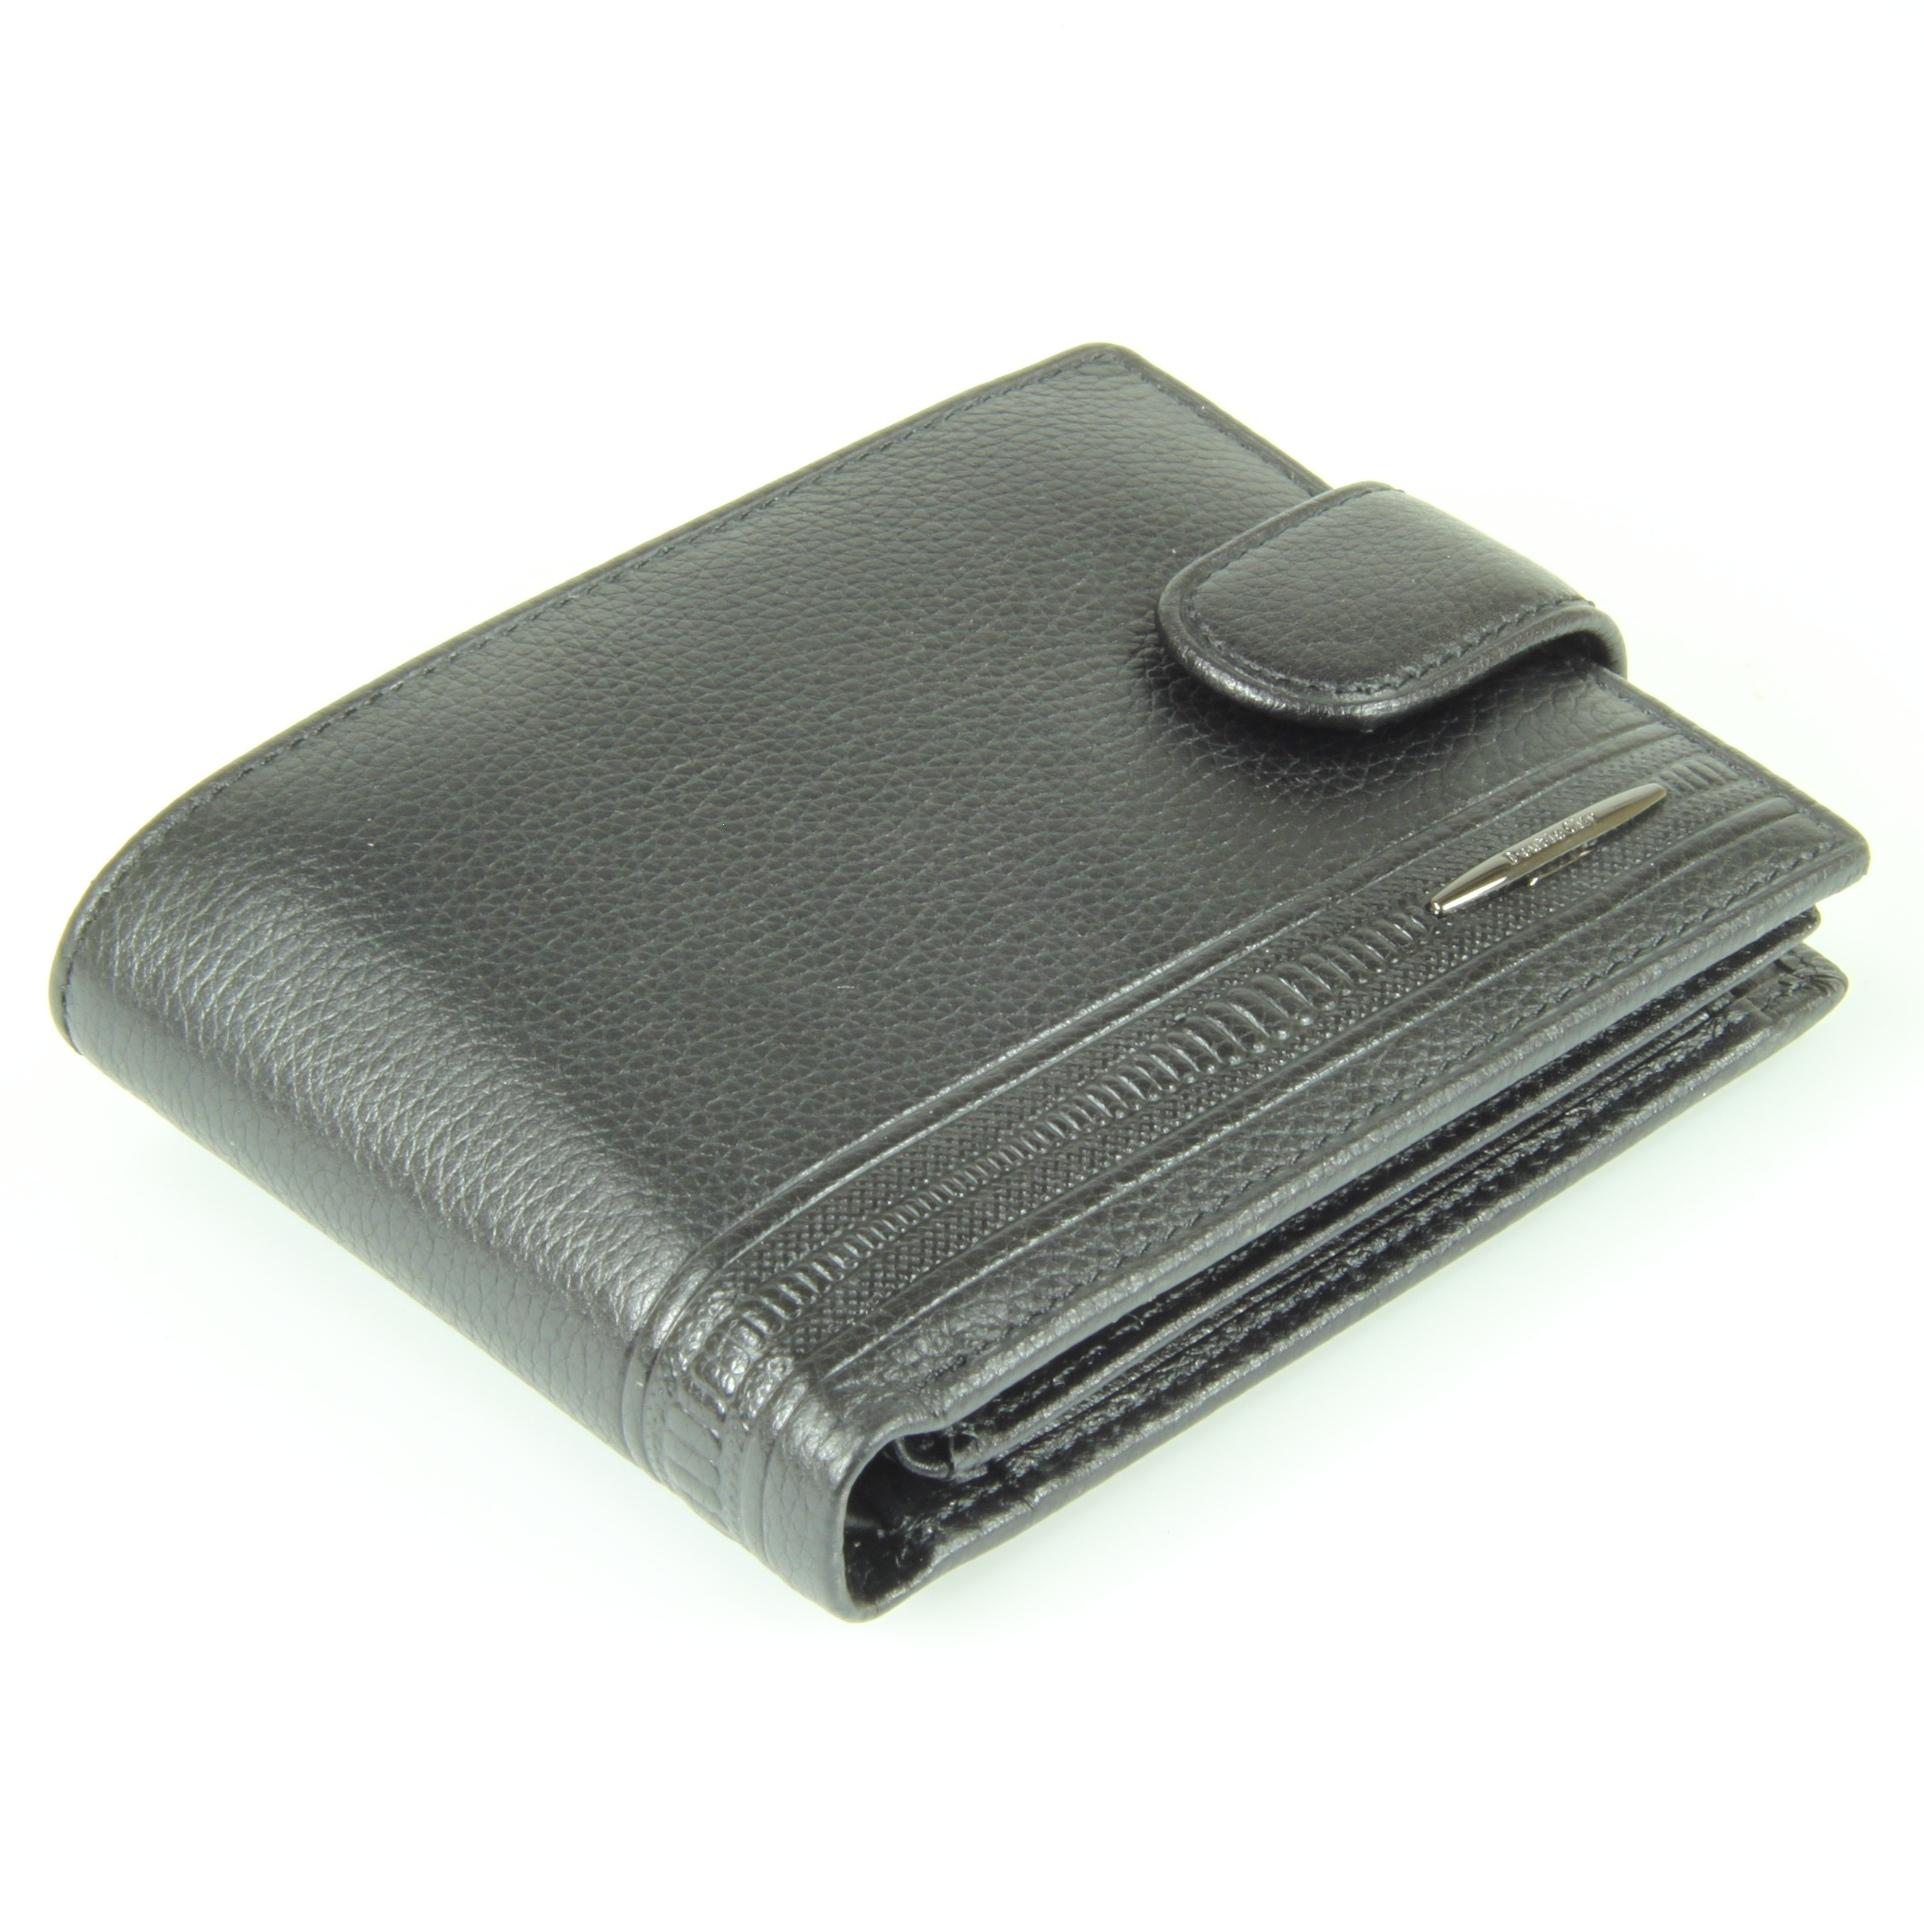 Небольшое компактное мужское чёрное портмоне бумажник из натуральной и долговечной кожи яка M100-DC11-04A